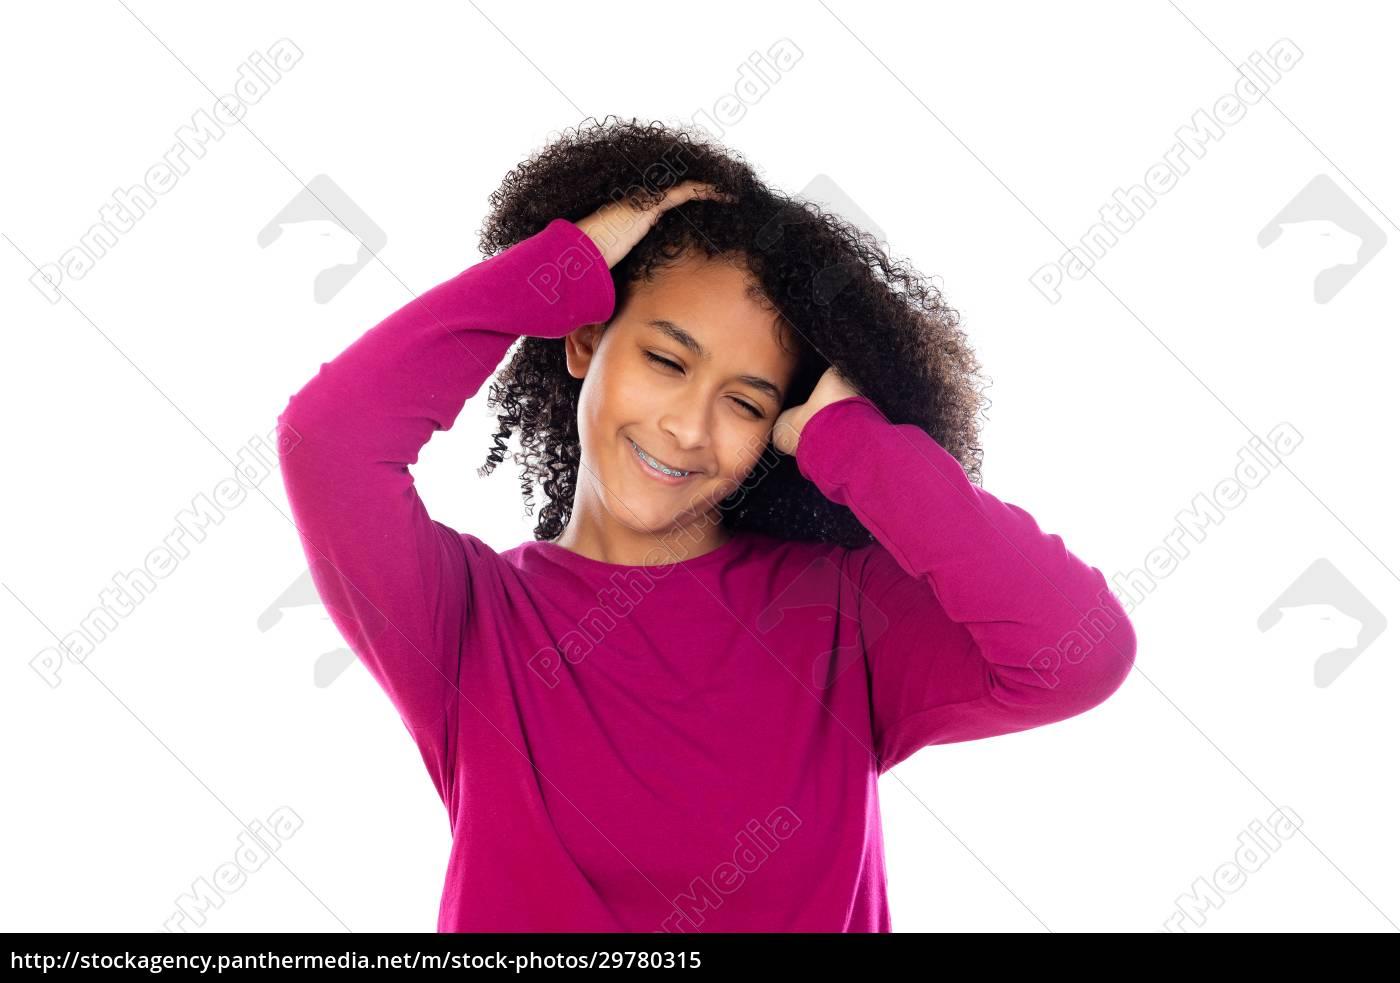 schöne, teenager-mädchen, mit, rosa, pullover - 29780315